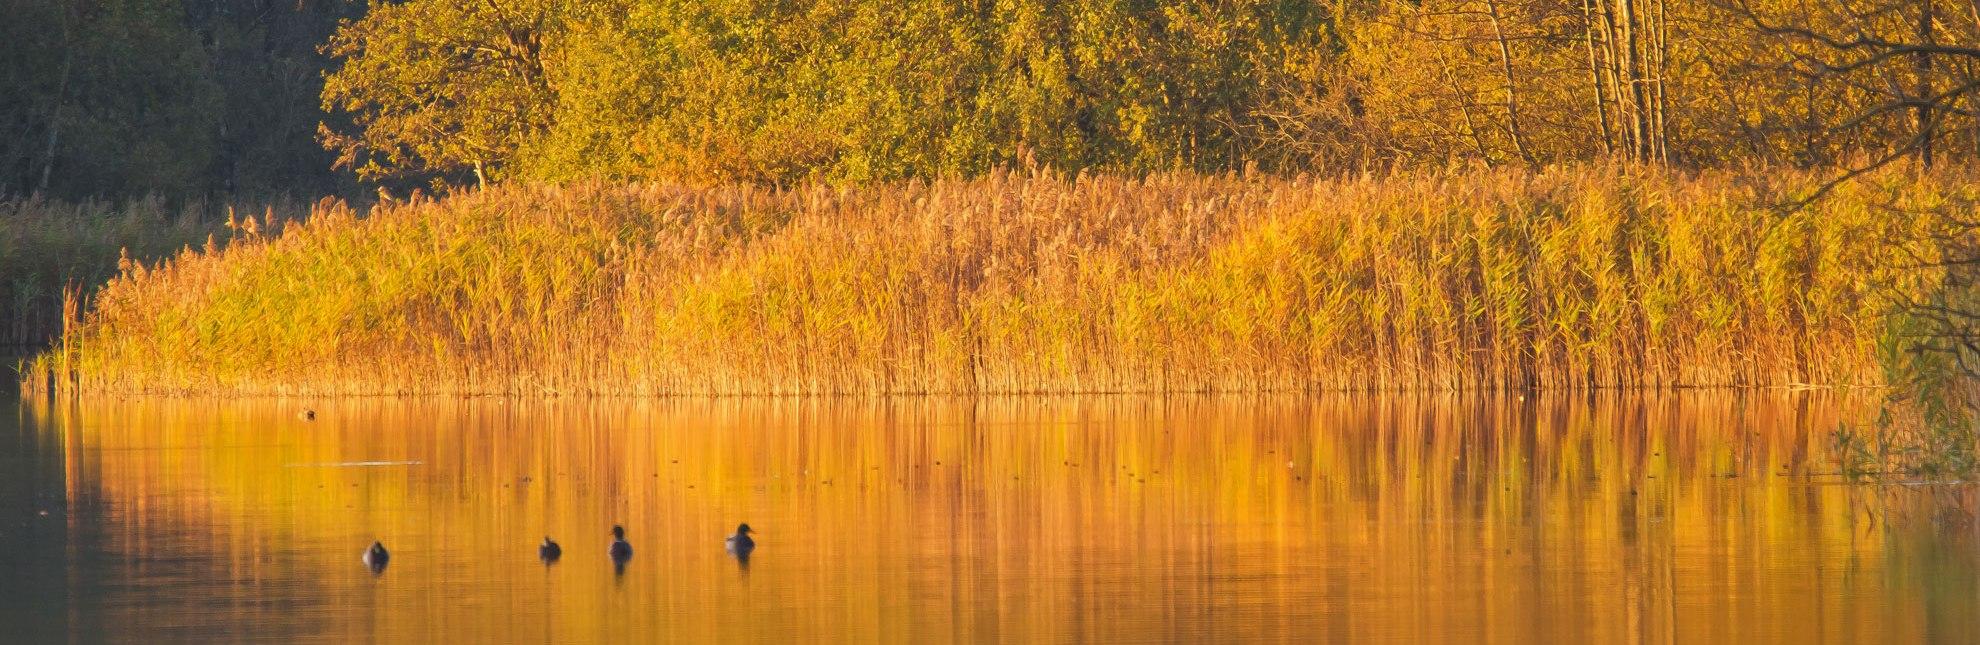 Goldener Herbst am Schaalsee im Herzogtum Lauenburg., © Thomas Ebelt / HLMS GmbH